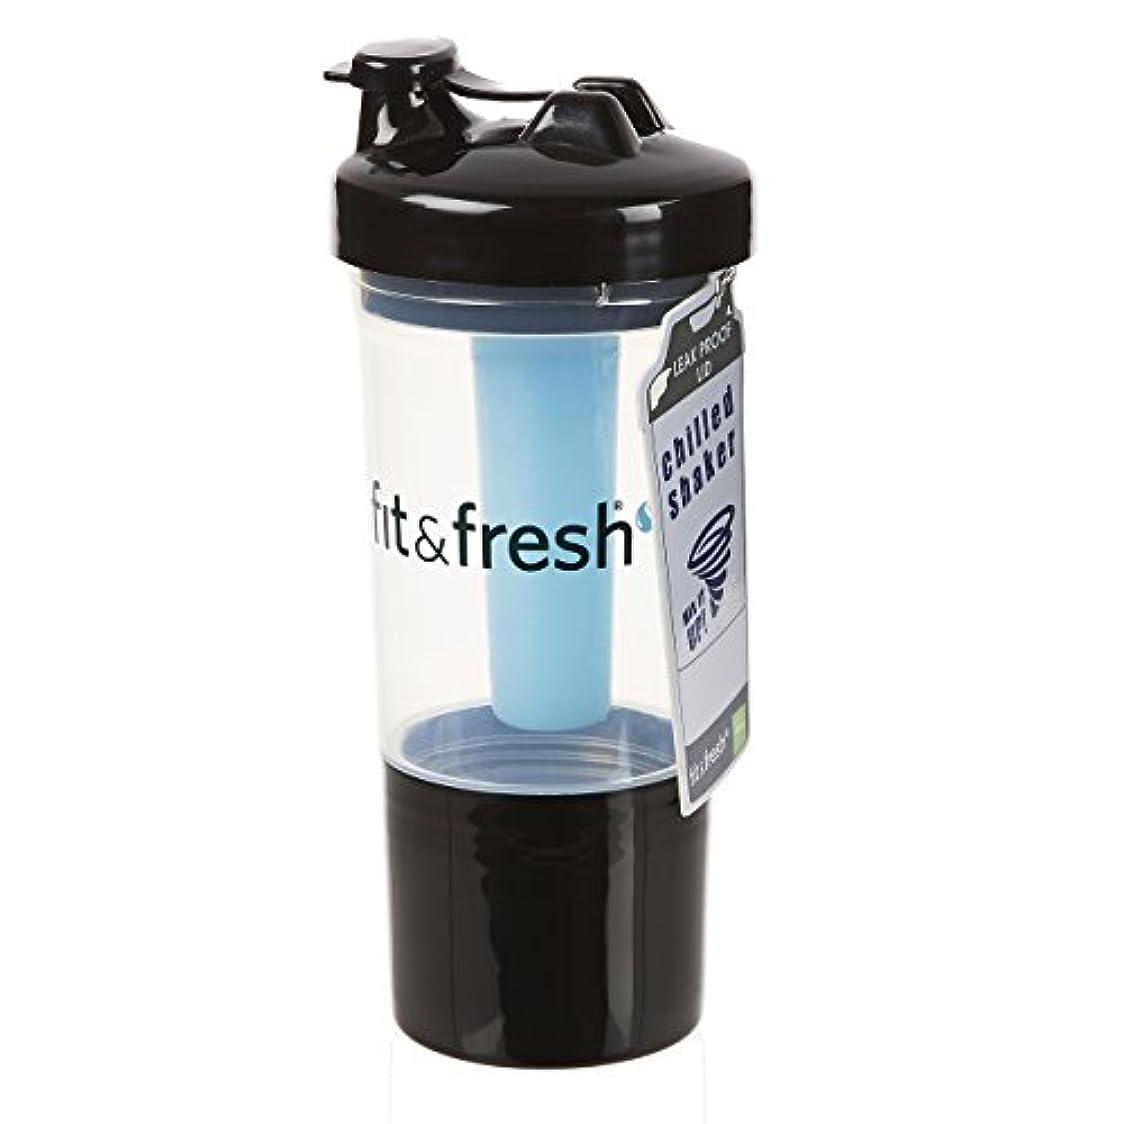 混乱させる寛大さ奇跡的なFit & Fresh, CleanTek, Shaker Cup with Ice Wand Agitator & Storage Cup, 1 Cup